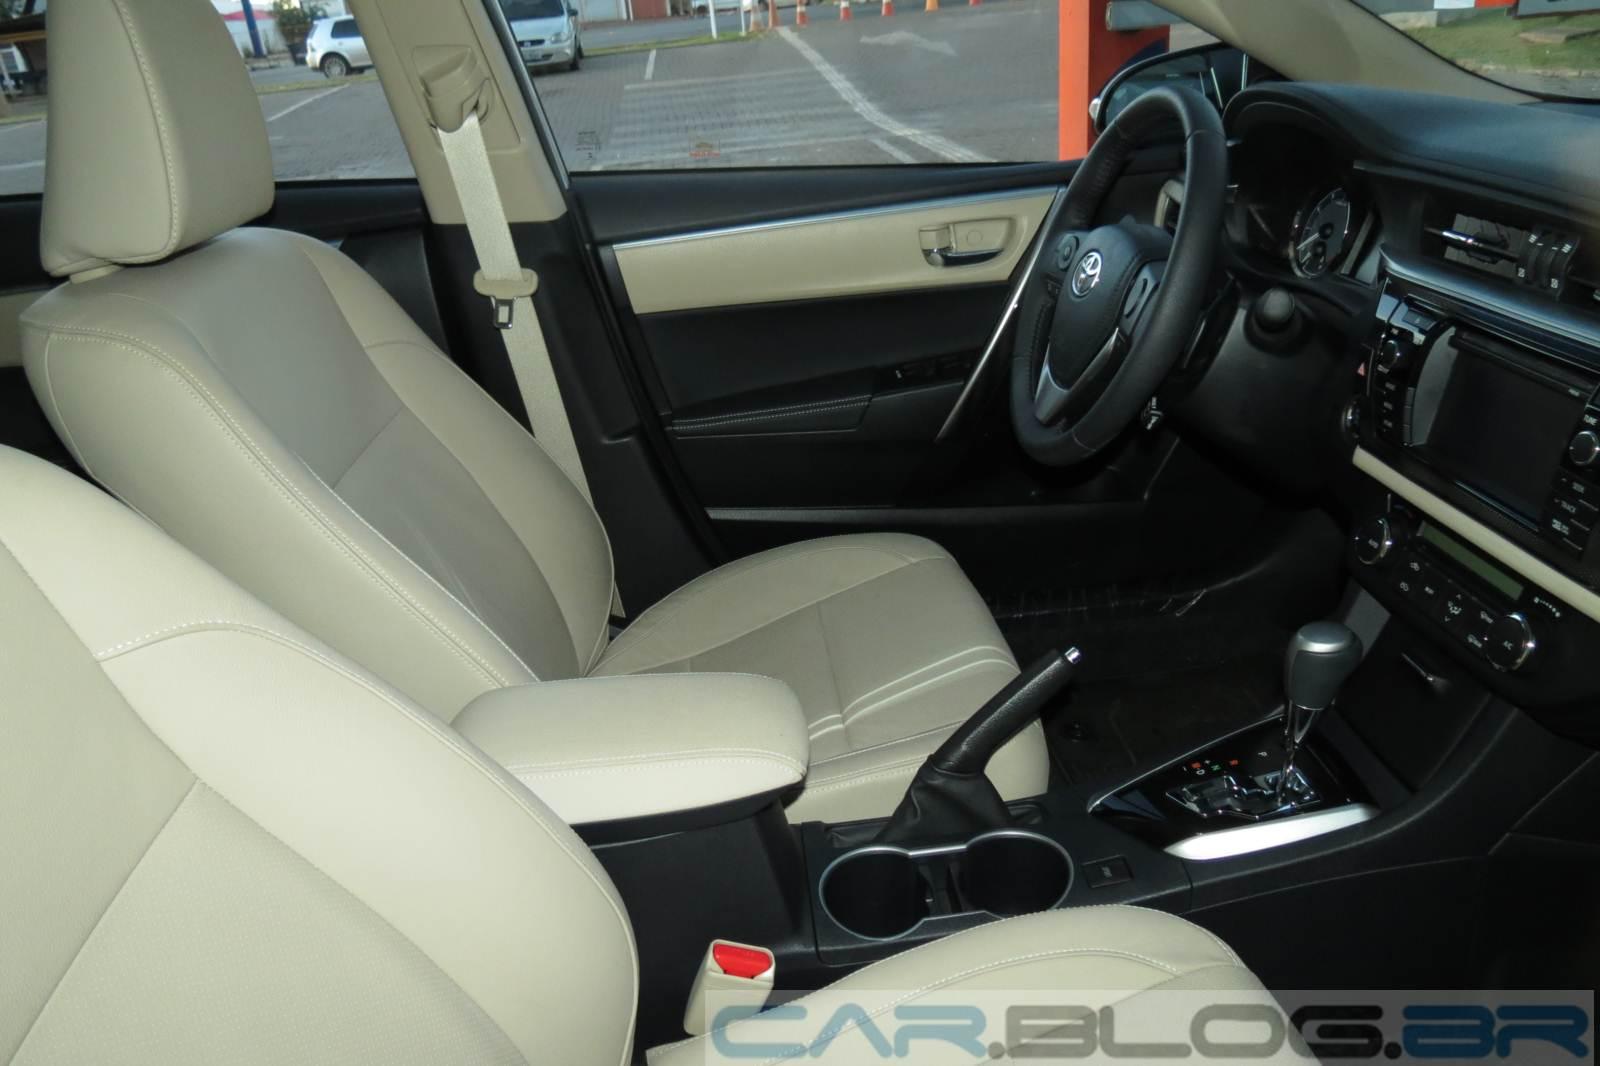 Toyota Corolla Altis 2015 - interior x Jetta TSI